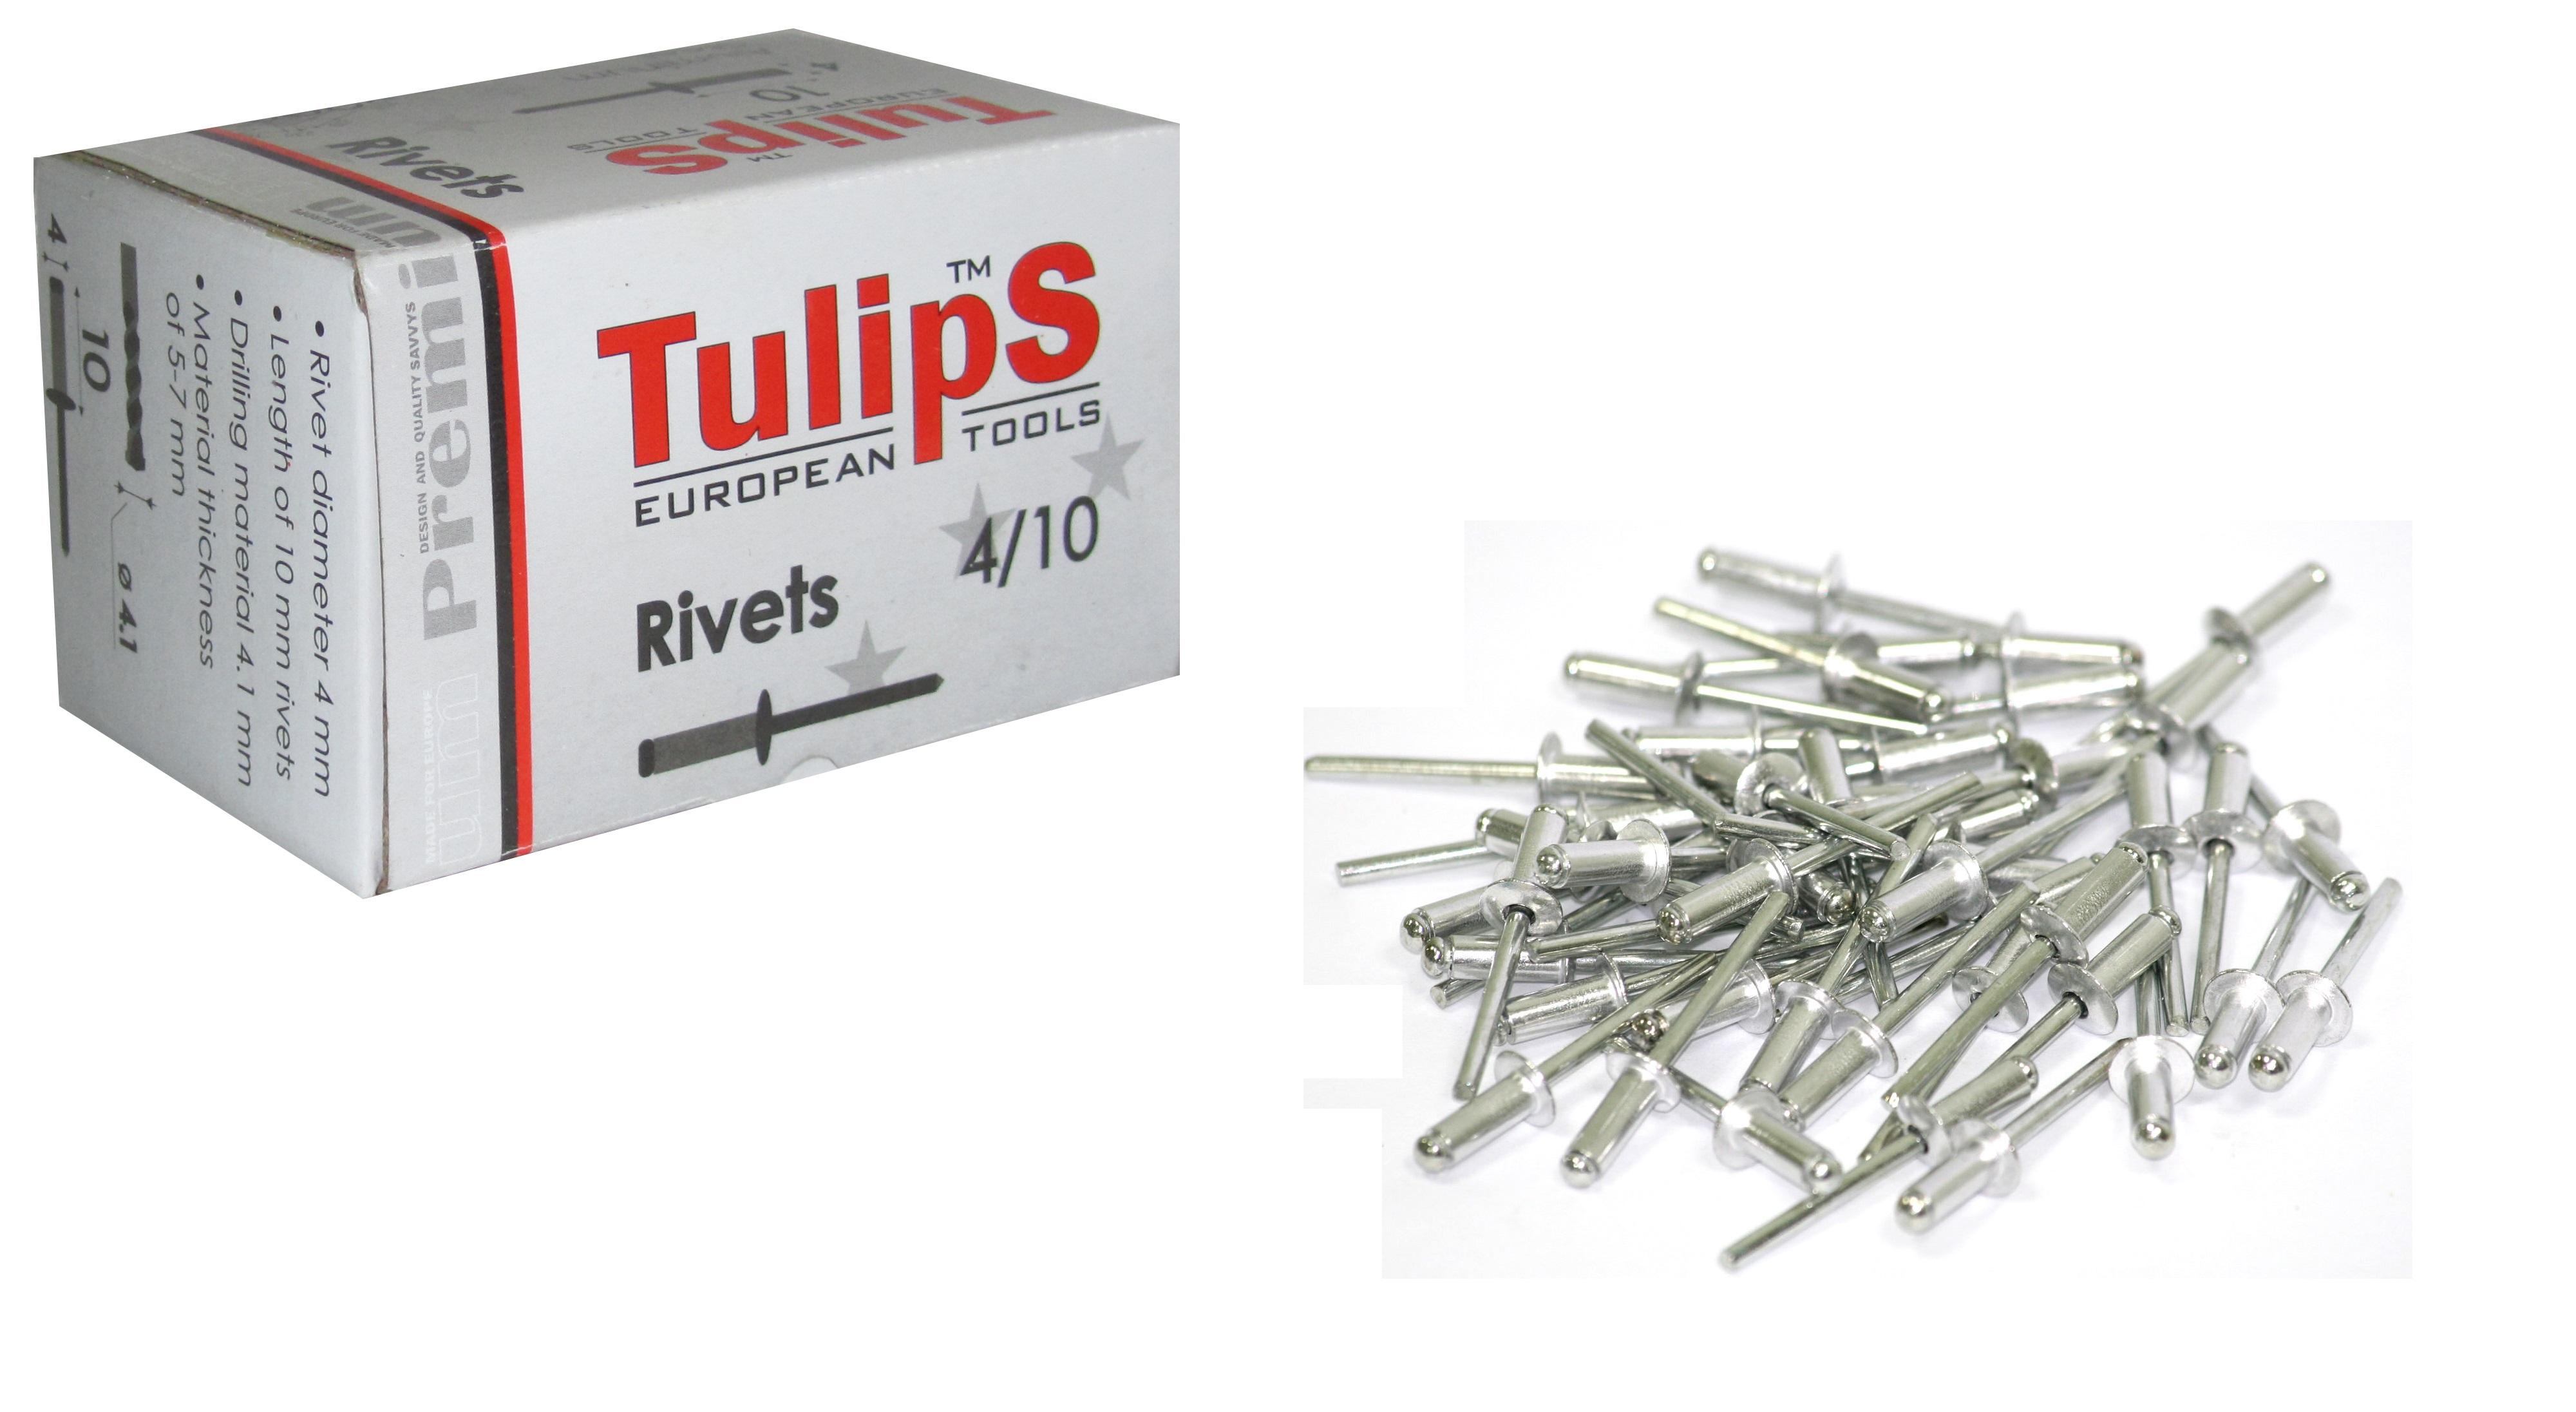 Заклепка Tulips tools